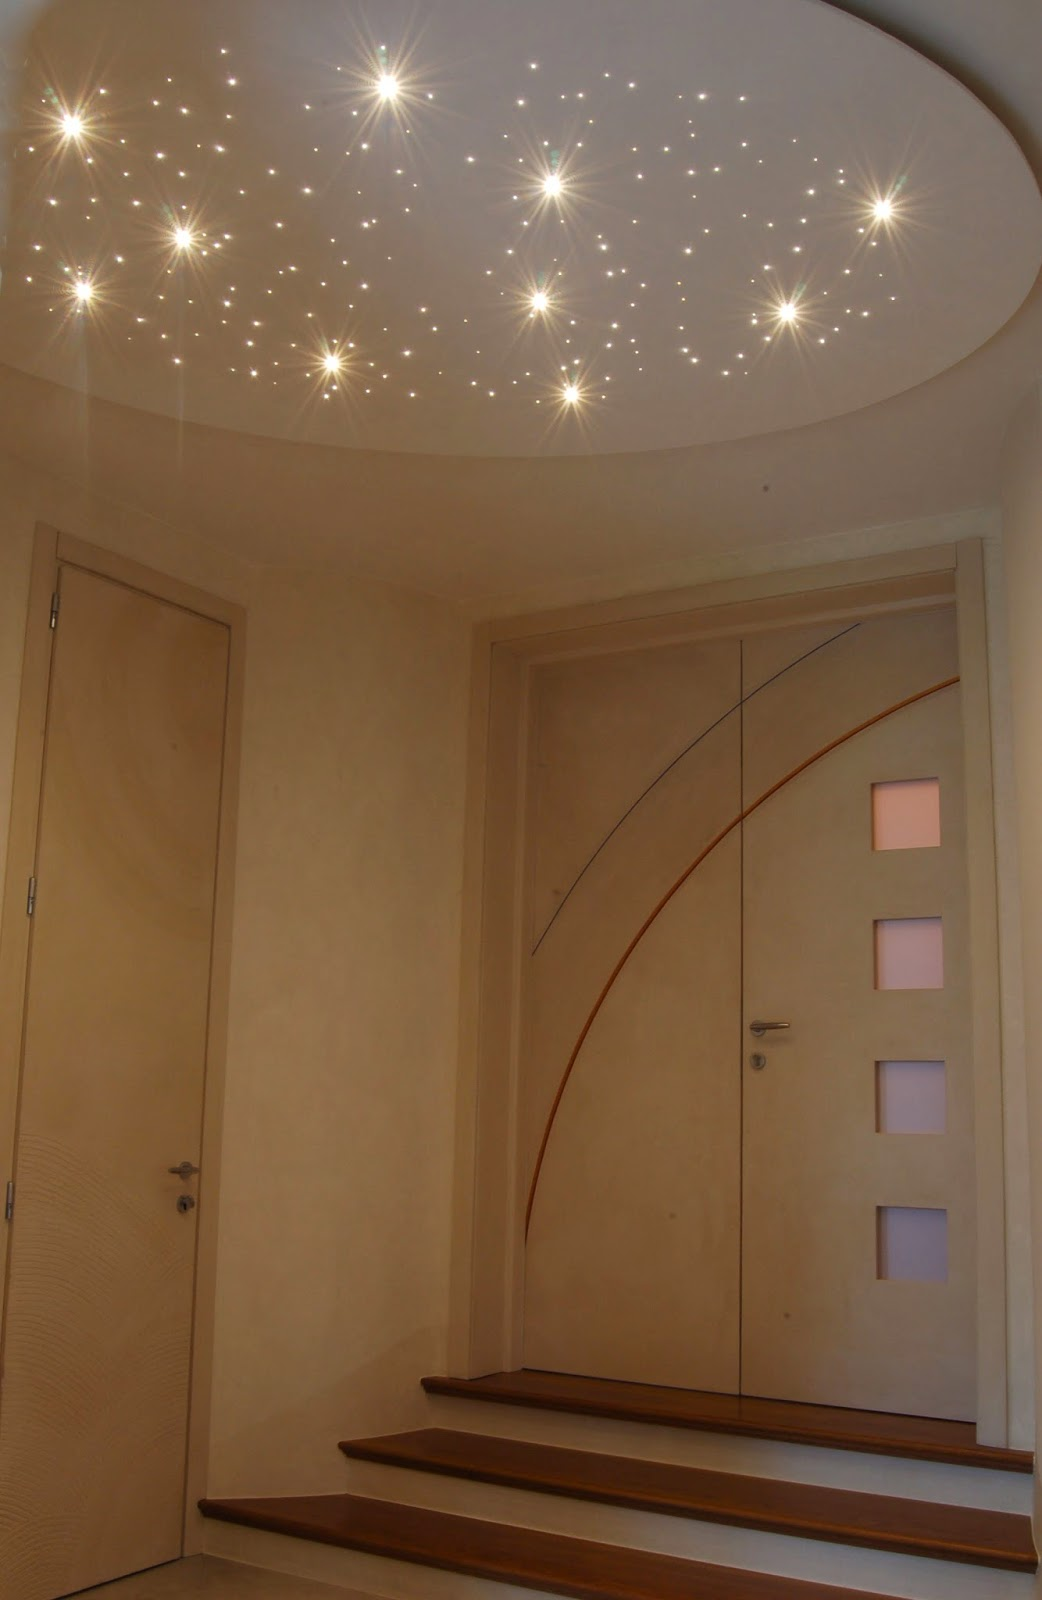 Mobili lavelli lampade a plafone controsoffitto for Luci a led per casa